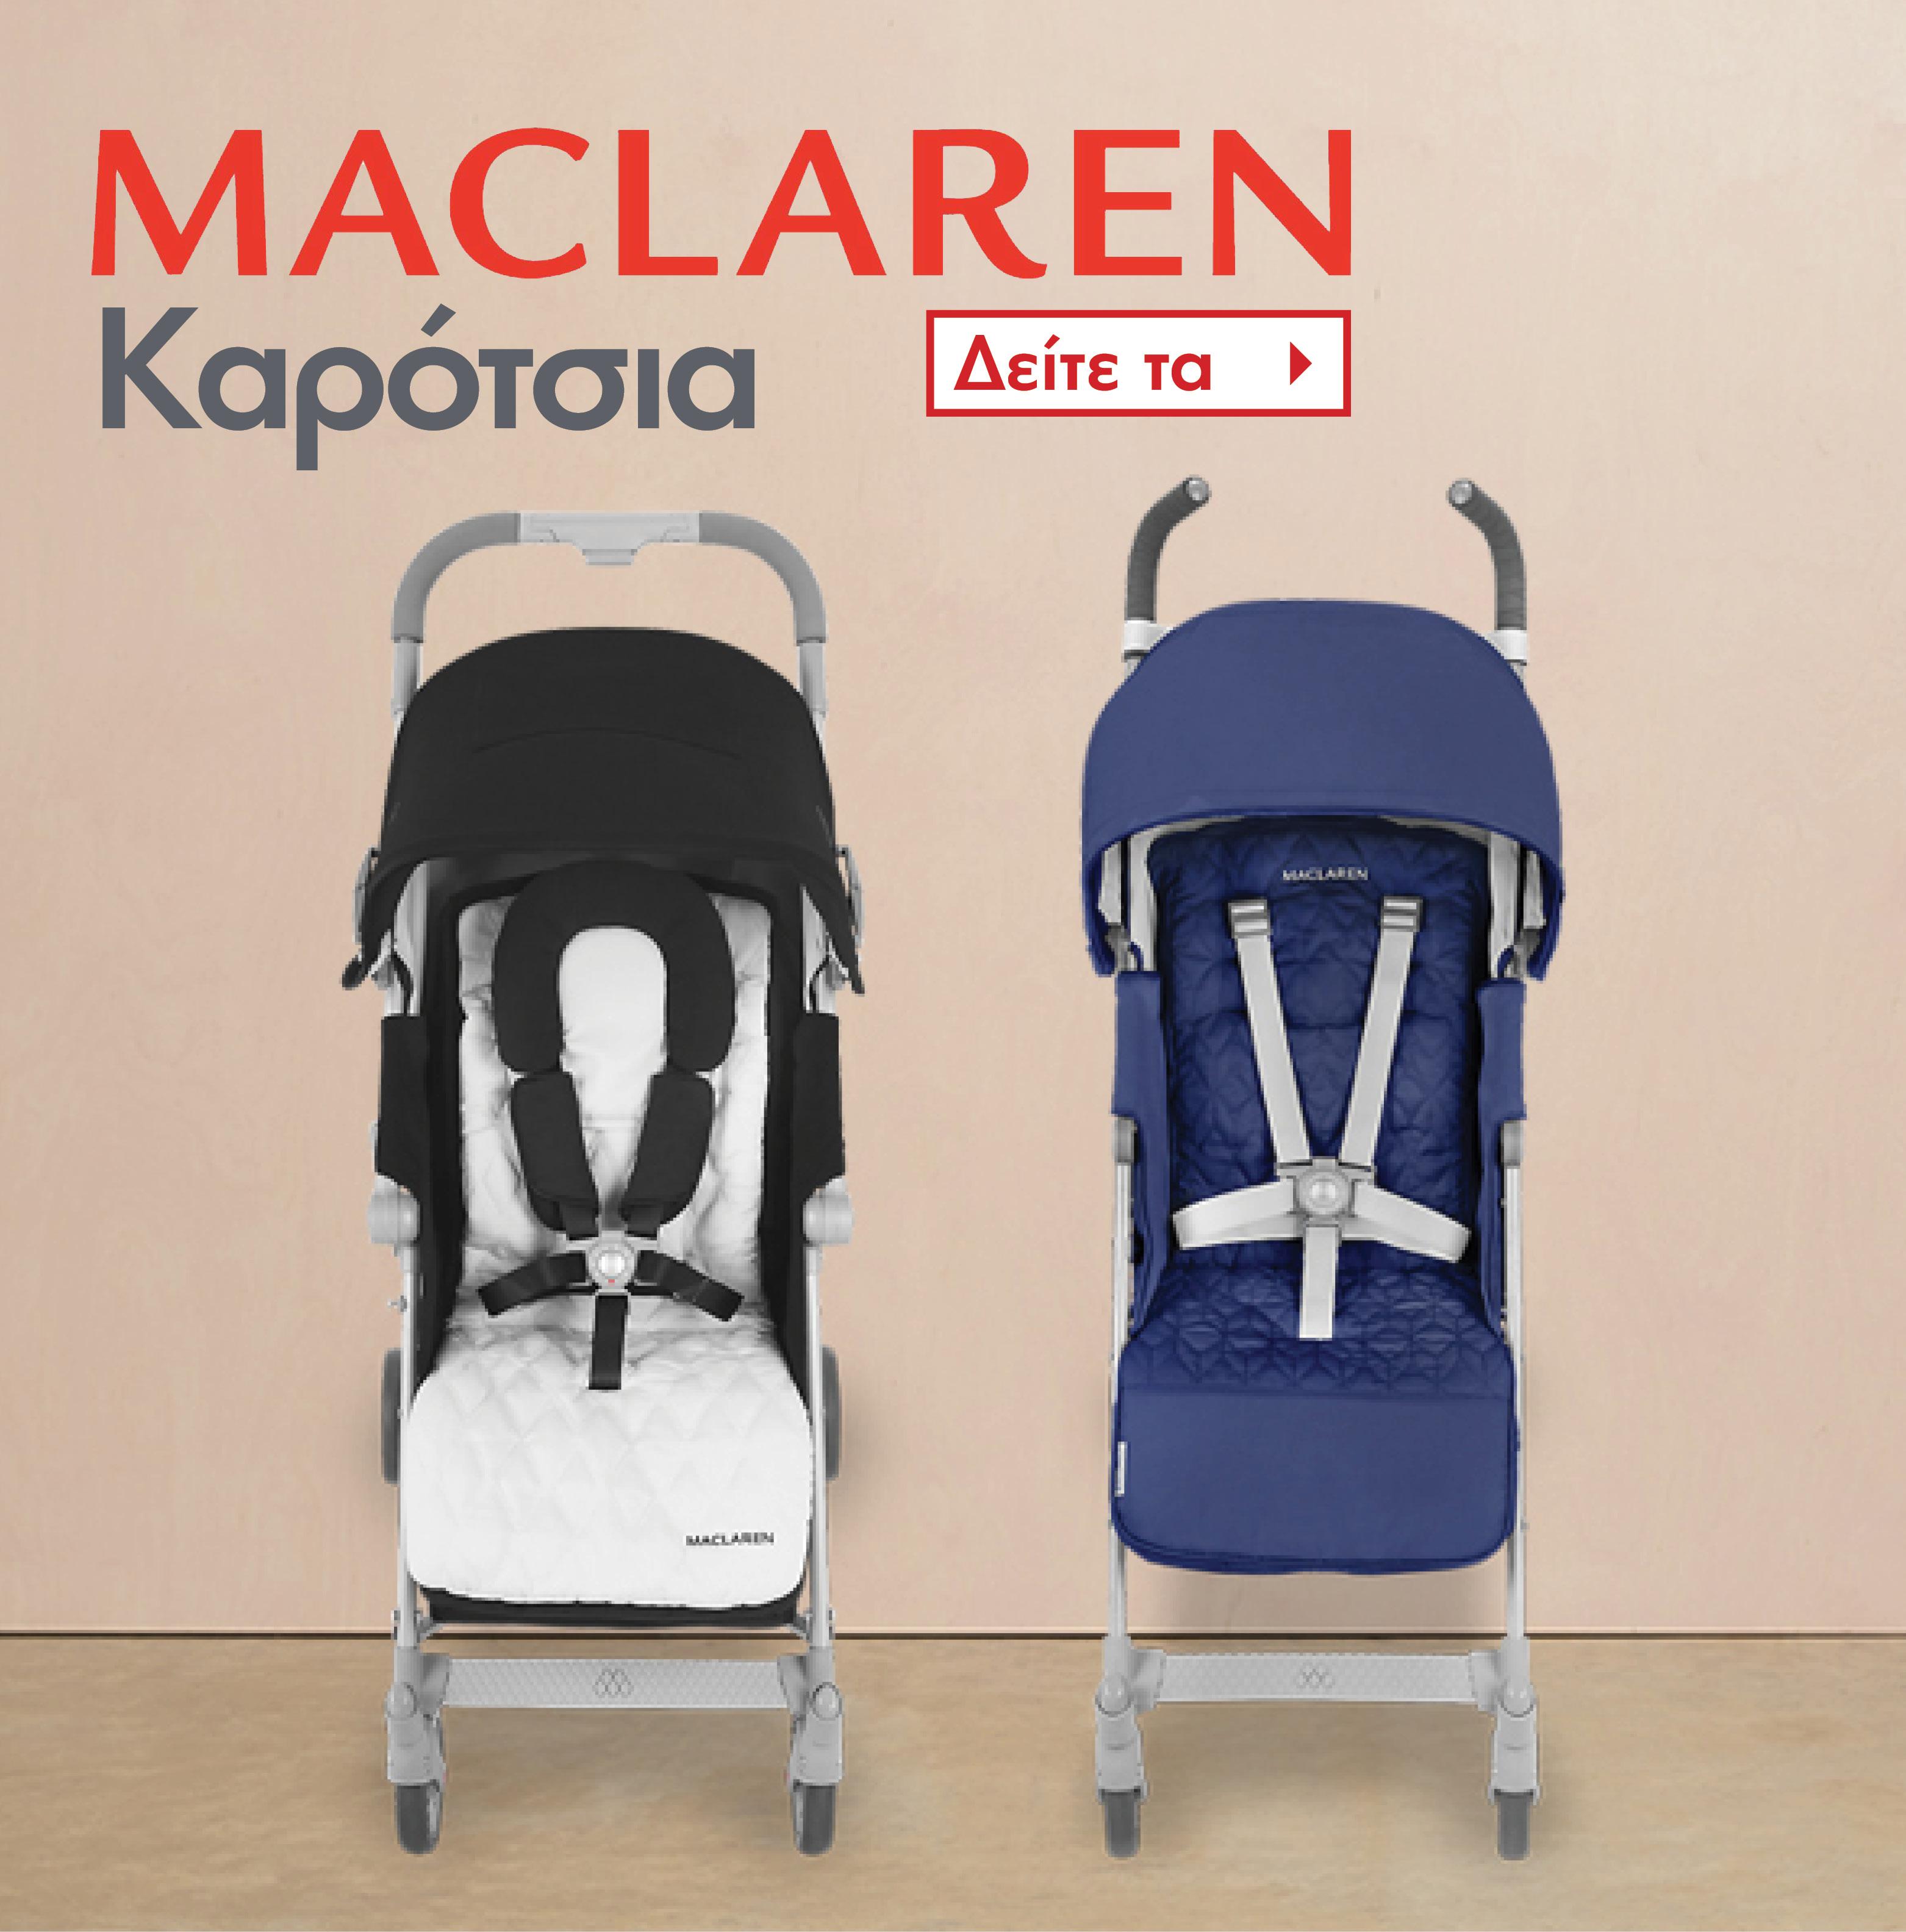 Καρότσια Maclaren